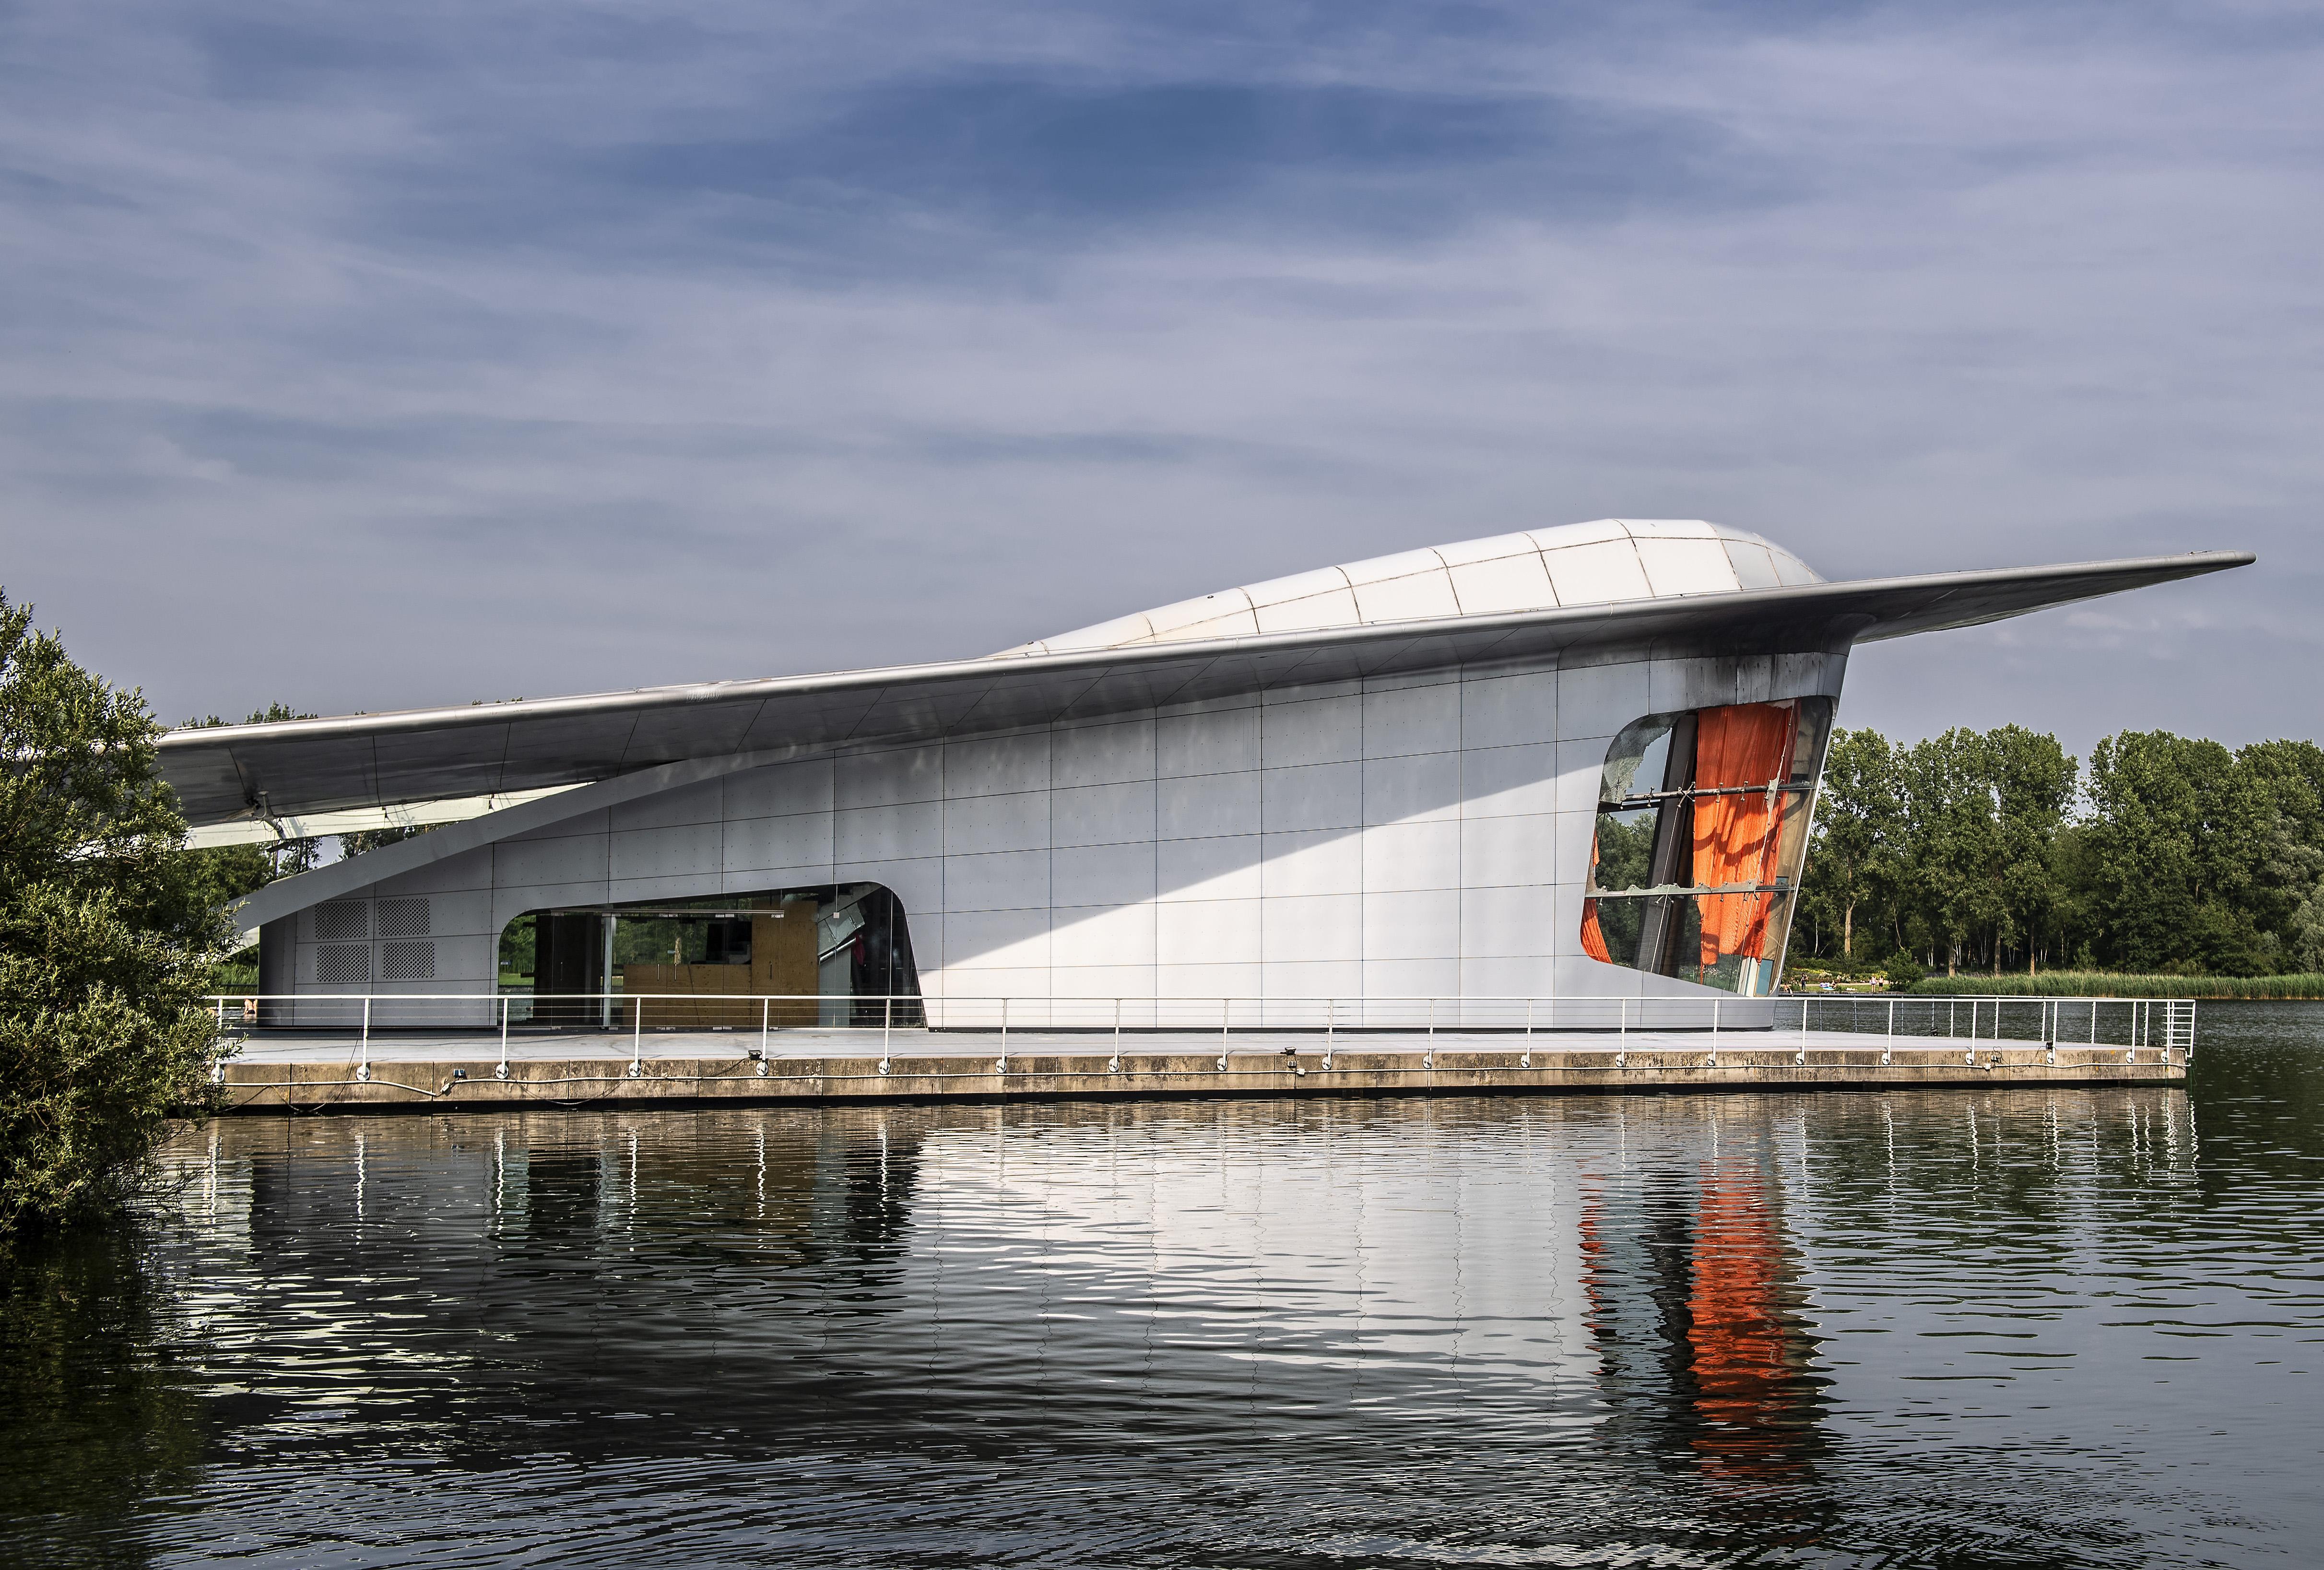 Onzekere toekomst voor Haarlemmermeers paviljoen, sloop wordt niet uitgesloten